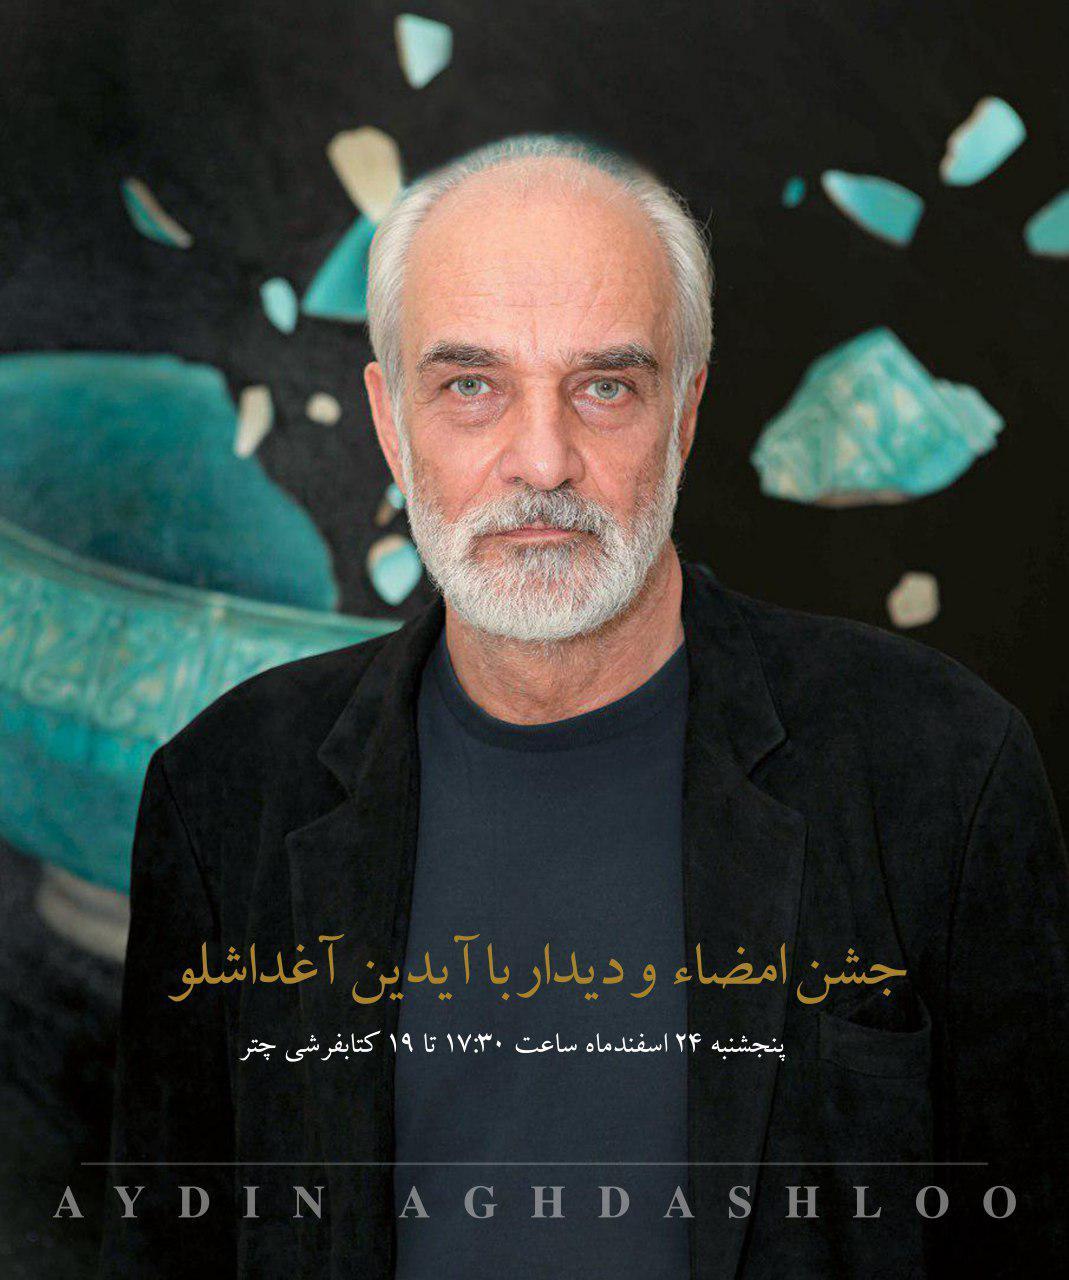 دیدار با آیدین آغداشلو در تهران